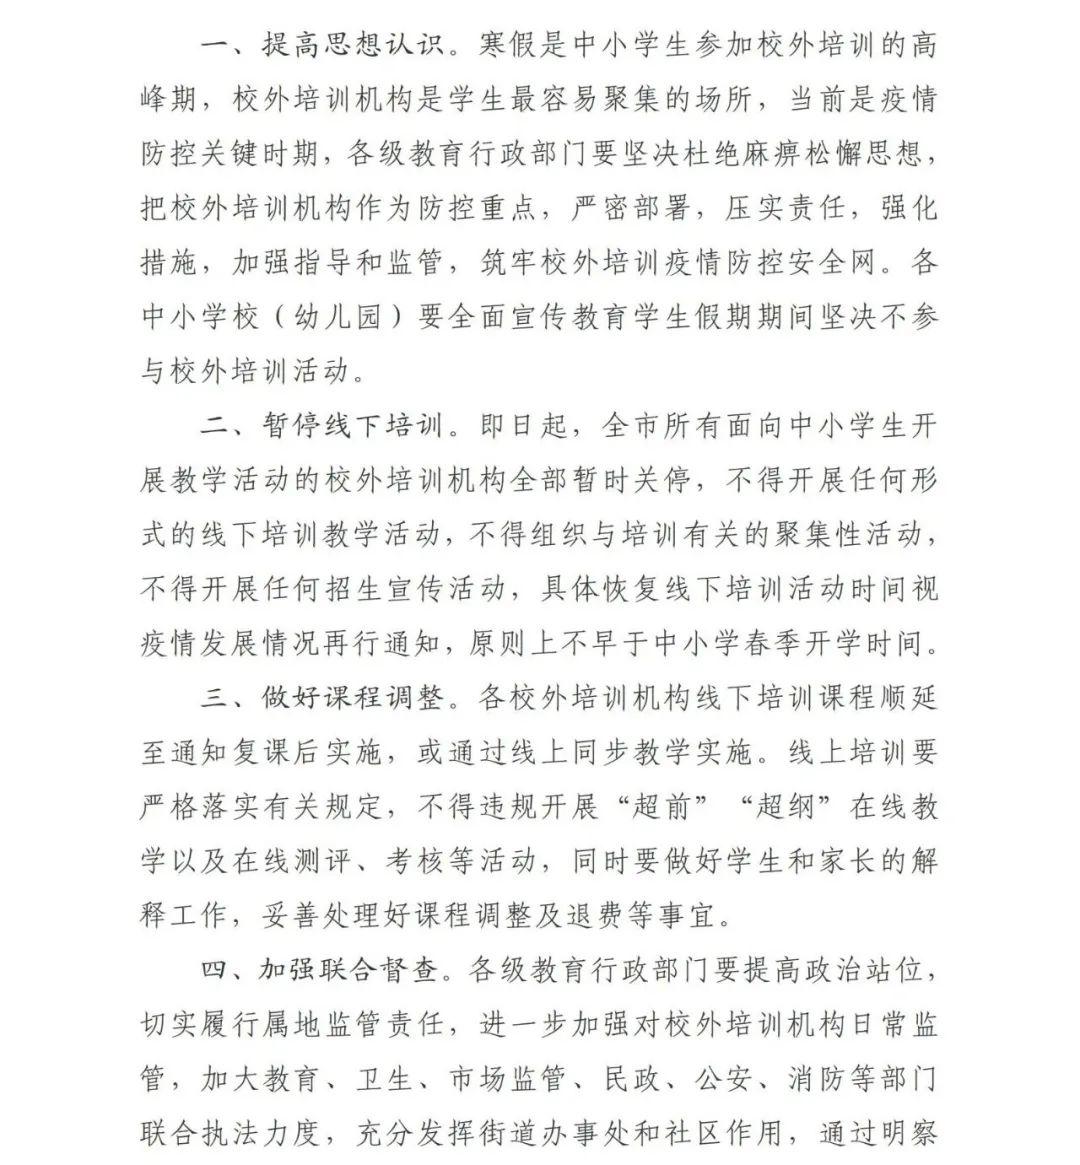 河南又两市通知:各类校外培训机构一律停止线下教学活动!